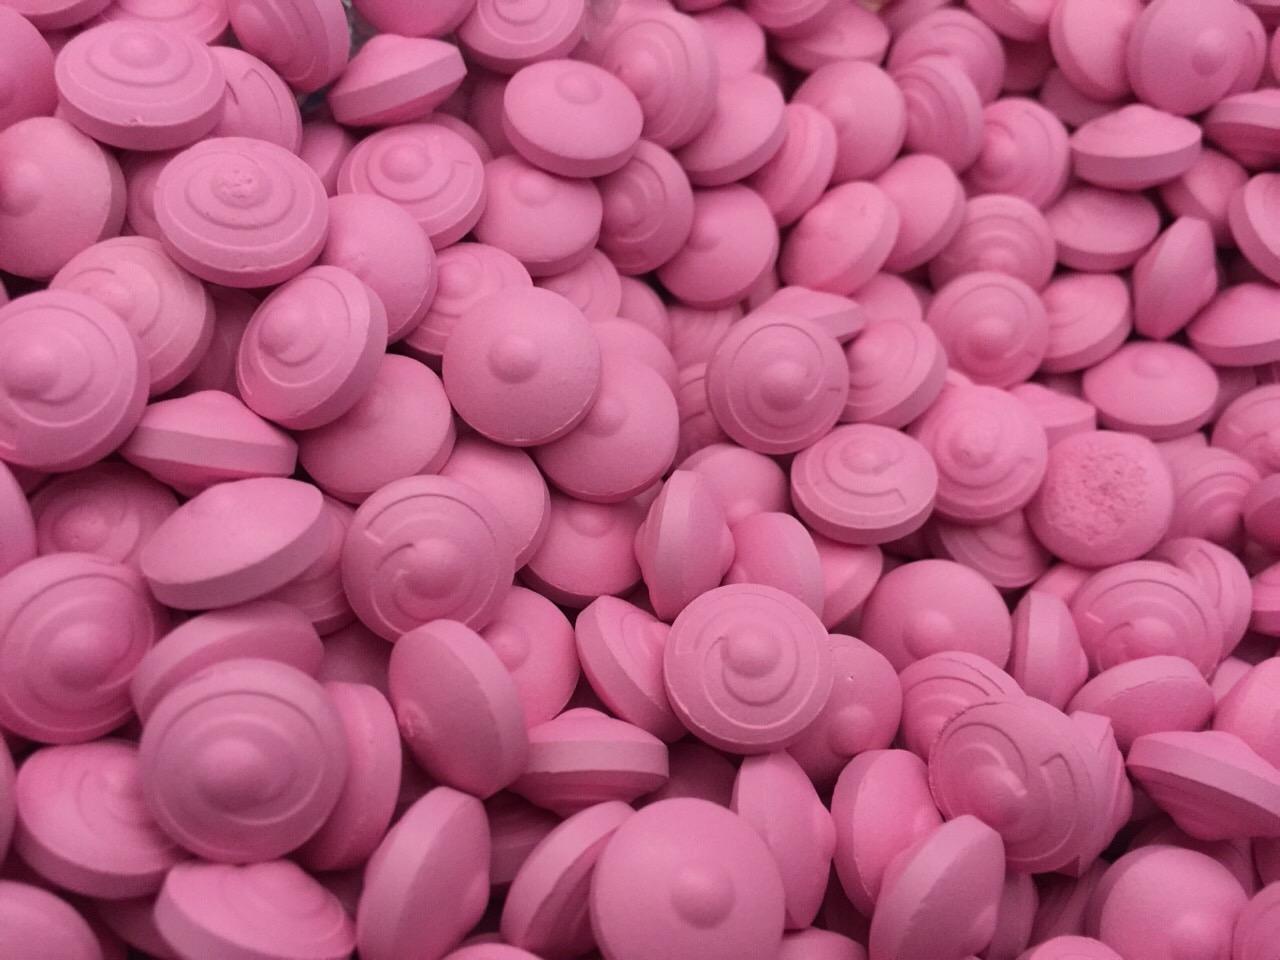 ยานมสูตรสีชมพูผสมฟีโรโมน (ชุดทดลอง)